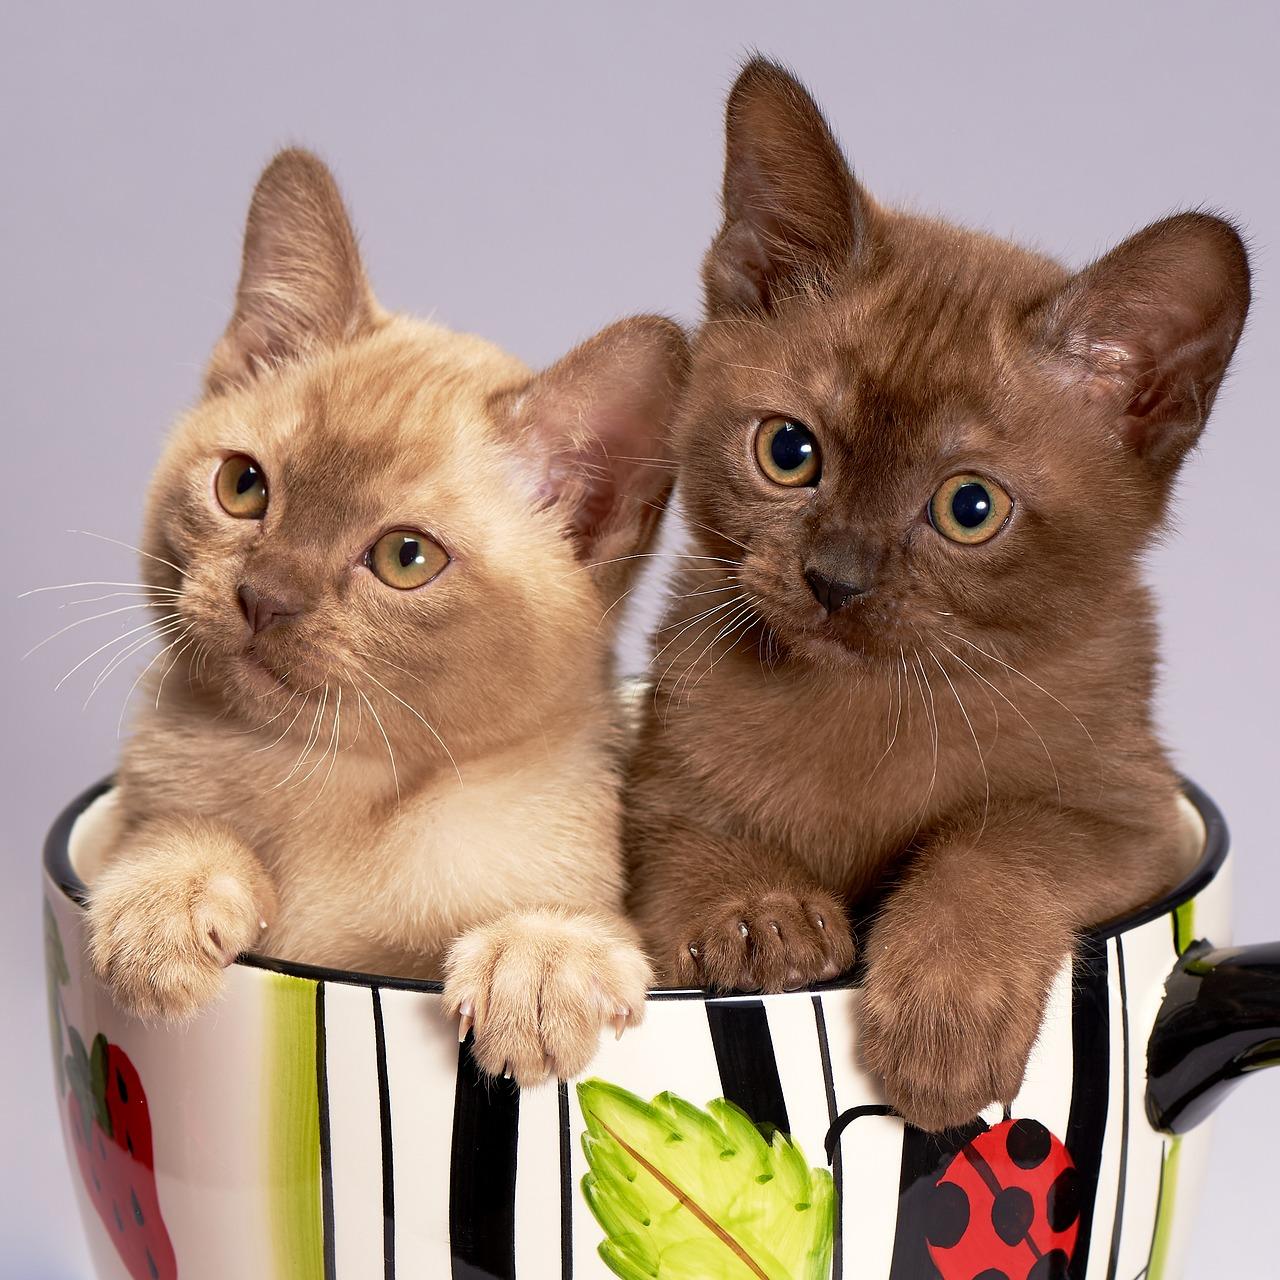 Chcete si pořídit kočku? A víte, jaká jsou v Česku 3 nejoblíbenější kočičí plemena?